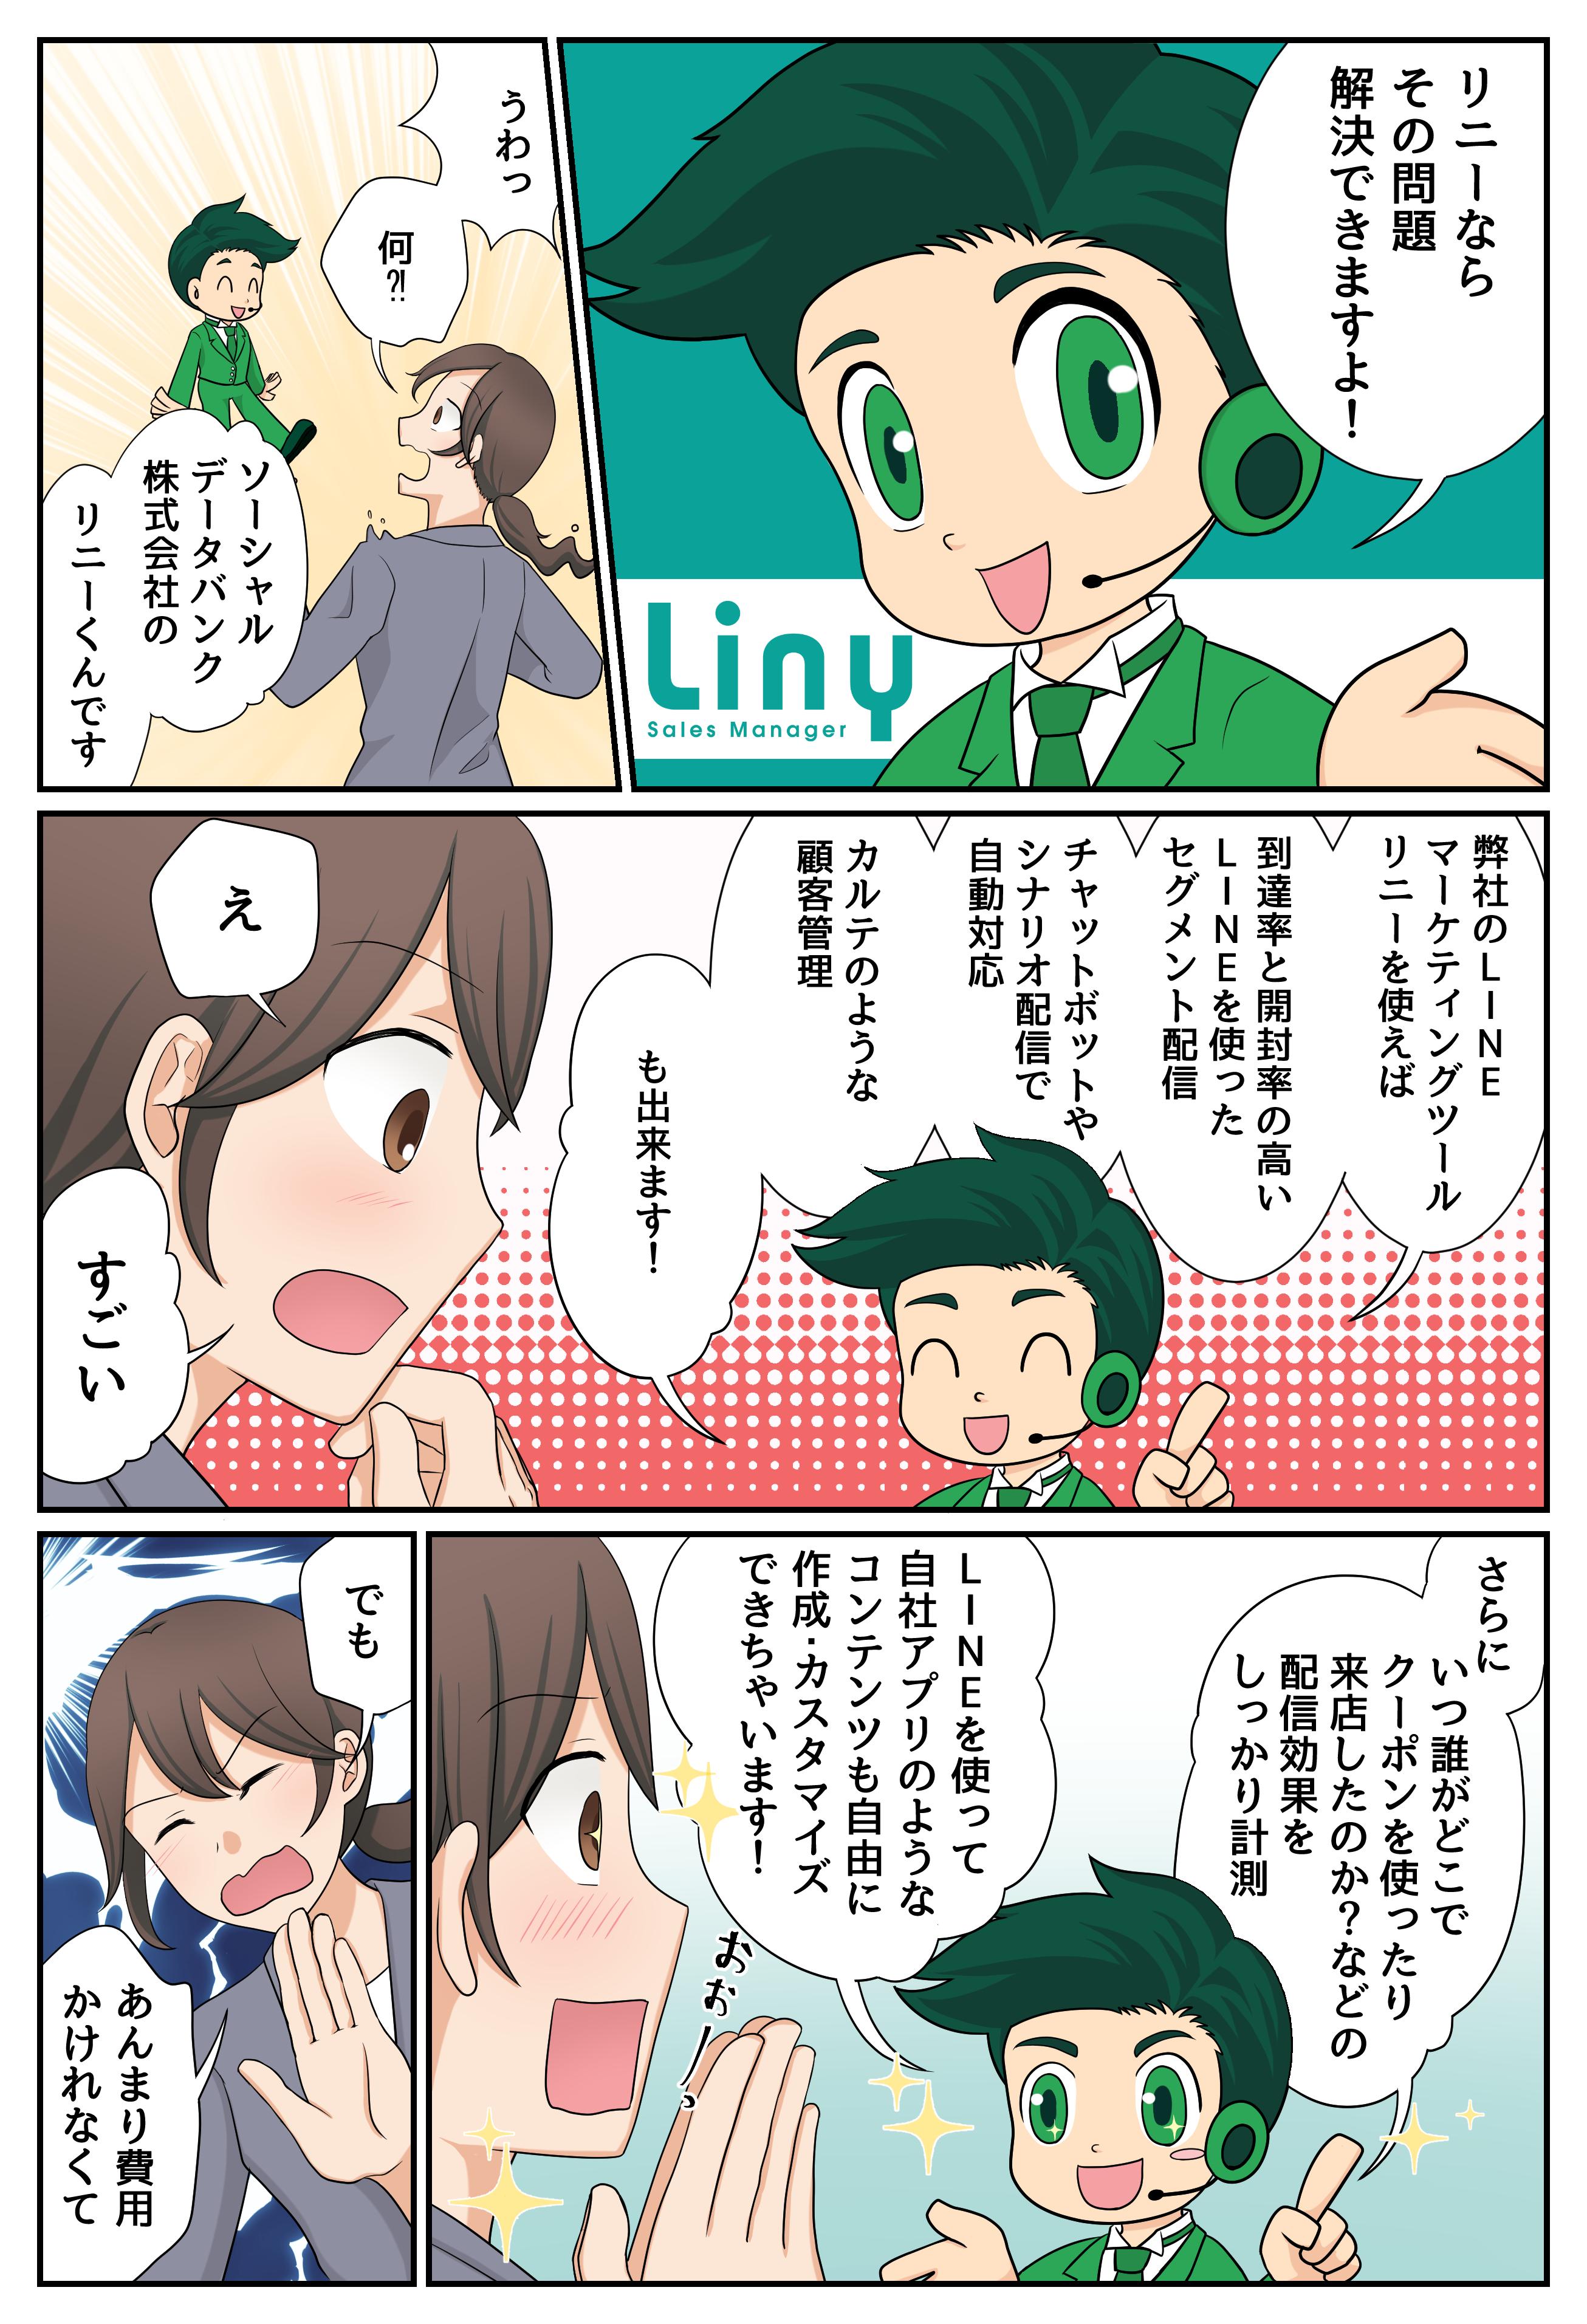 3分でわかるLiny!3ページ